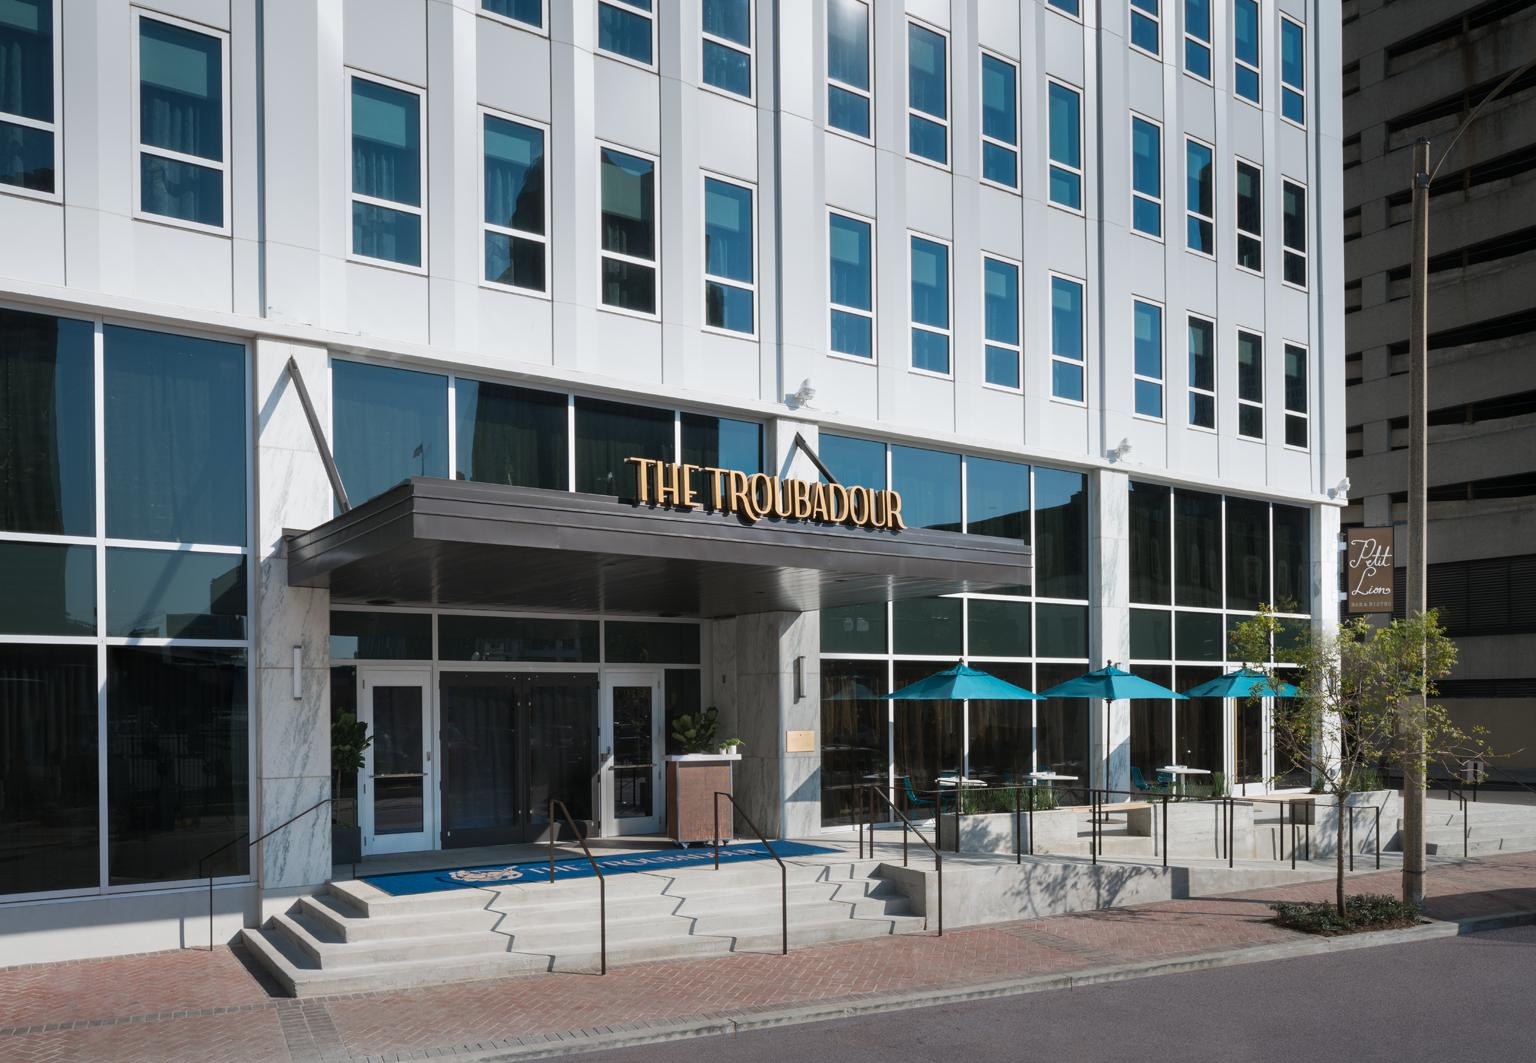 The Troubadour by Joie de Vivre New Orleans exterior